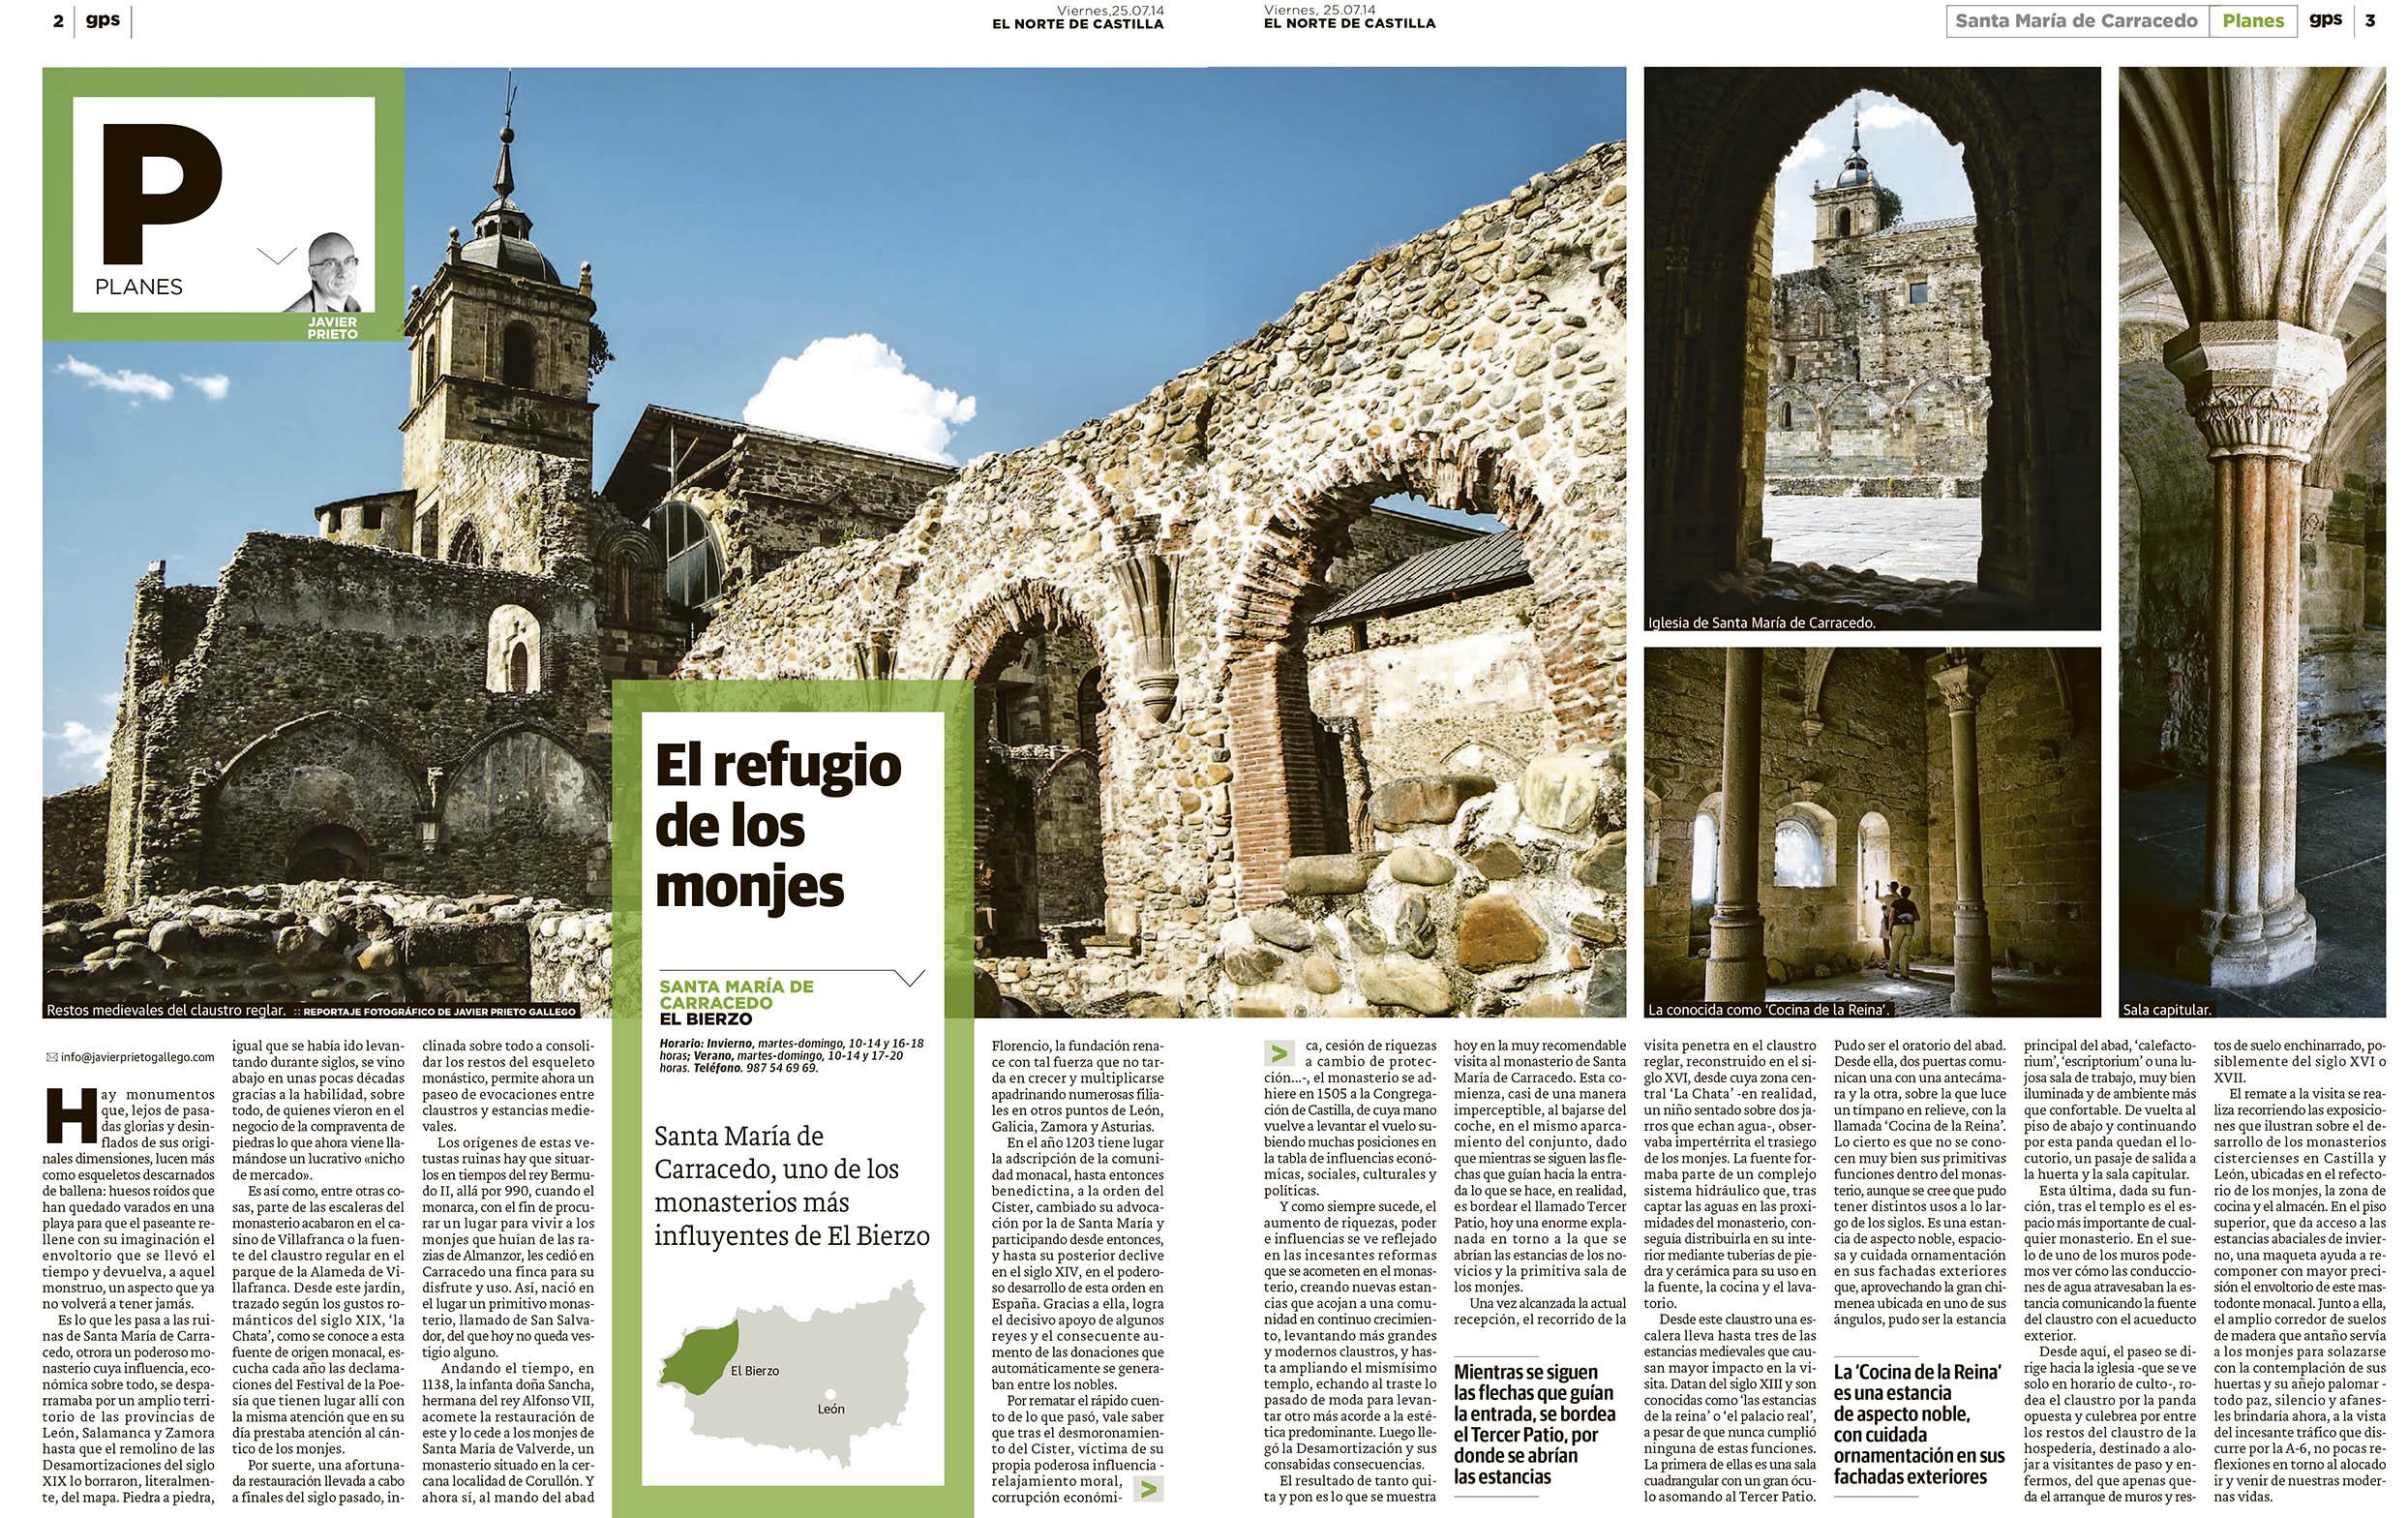 Reportaje publicado sobre Santa María de Carraedo publicado por Javier Prieto Gallego en el periódico EL NORTE DE CASTILLA.